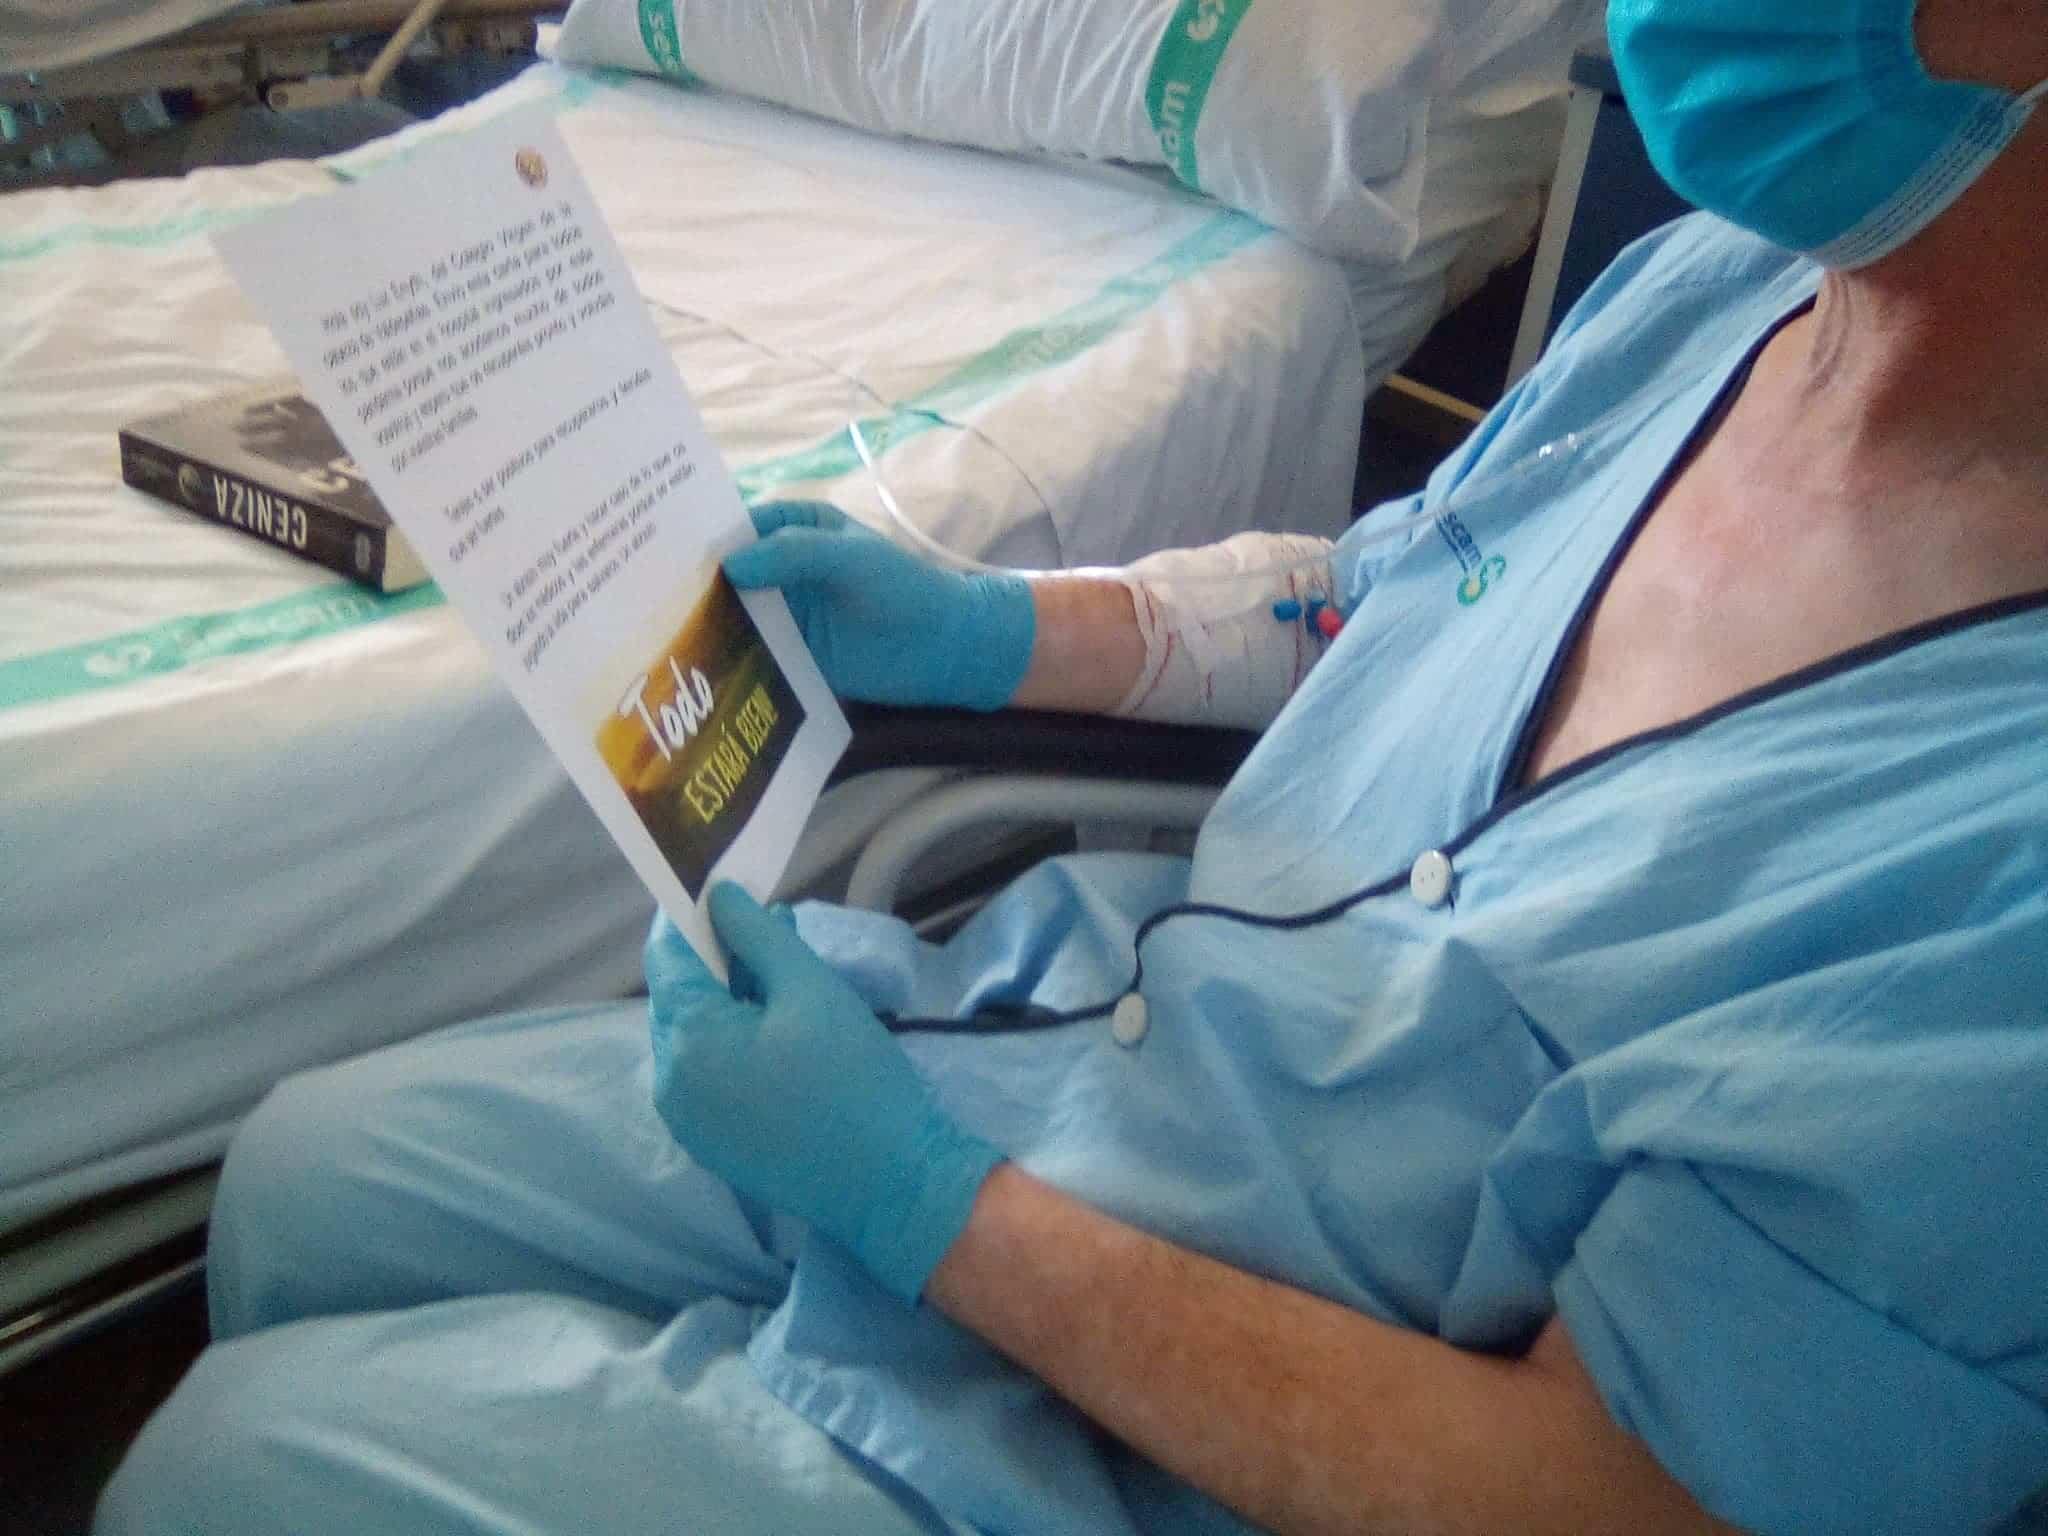 Los alumnos del Colegio Virgen de la Cabeza de Valdepeñas envían cartas de ánimo a los pacientes ingresados en el Hospital de Valdepeñas 9